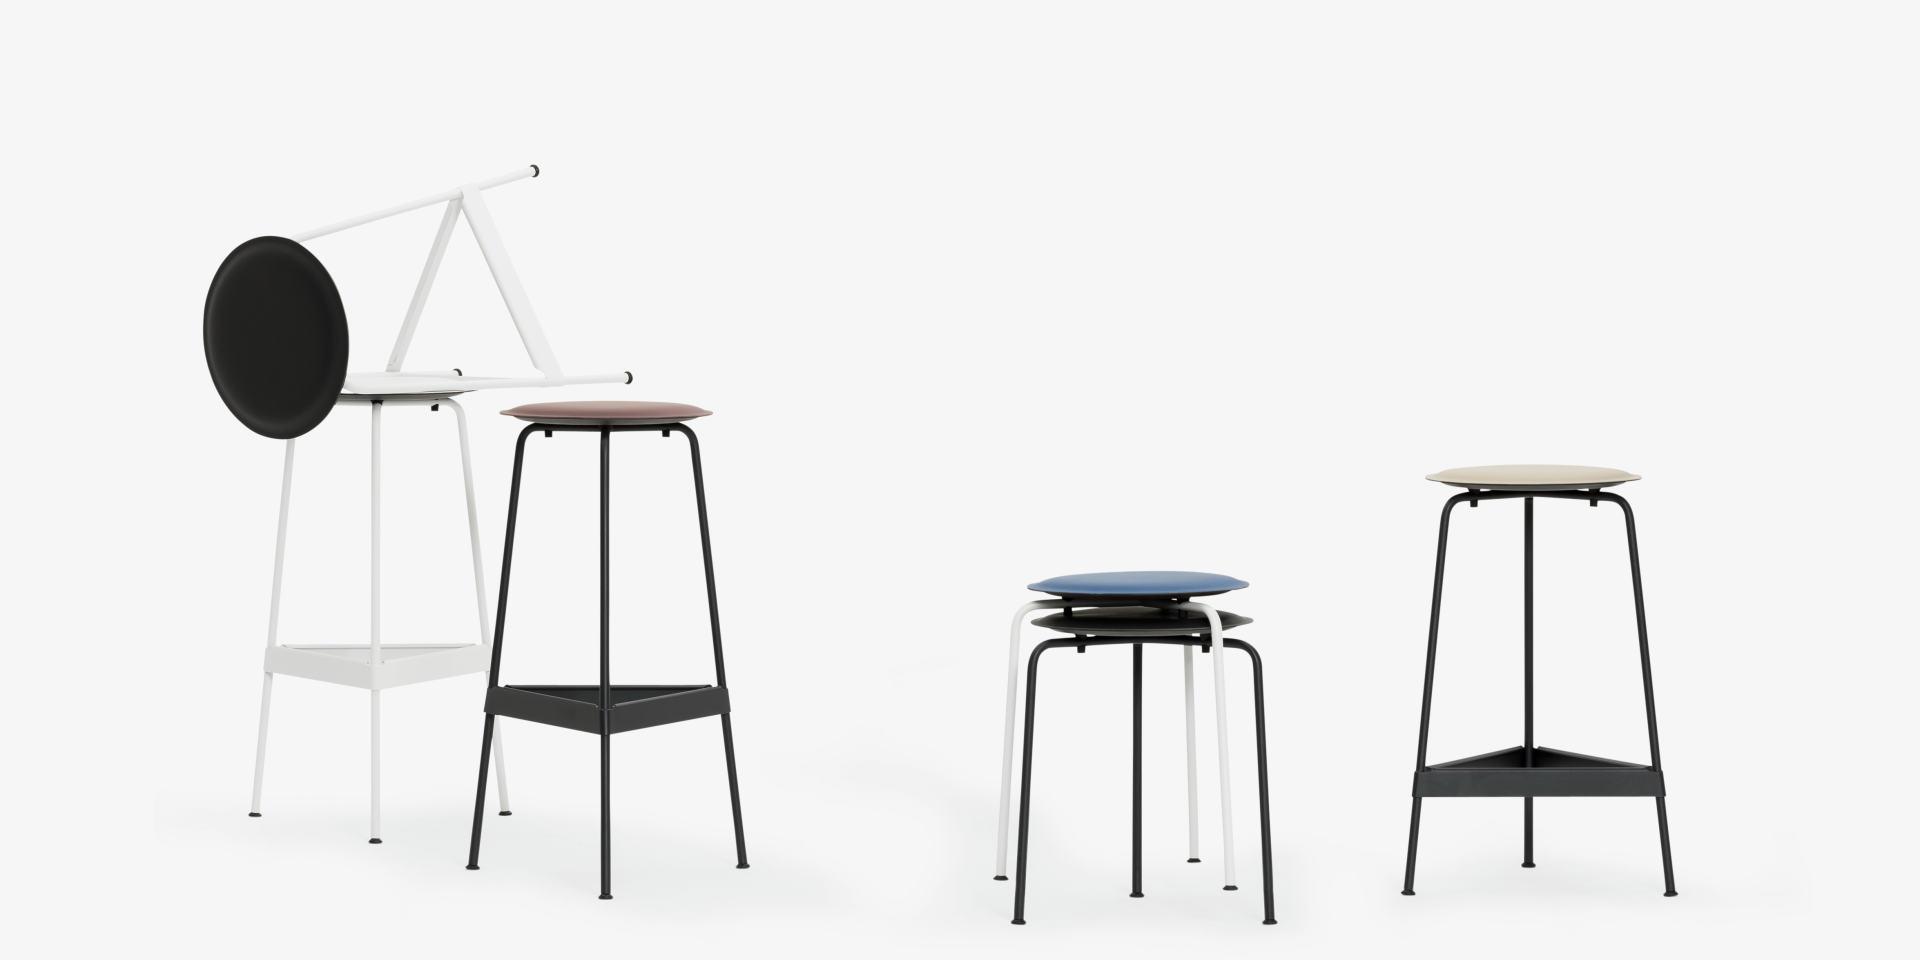 faust linoleum tischplatten tische gestelle regalsystem sitzsysteme office zubeh r. Black Bedroom Furniture Sets. Home Design Ideas